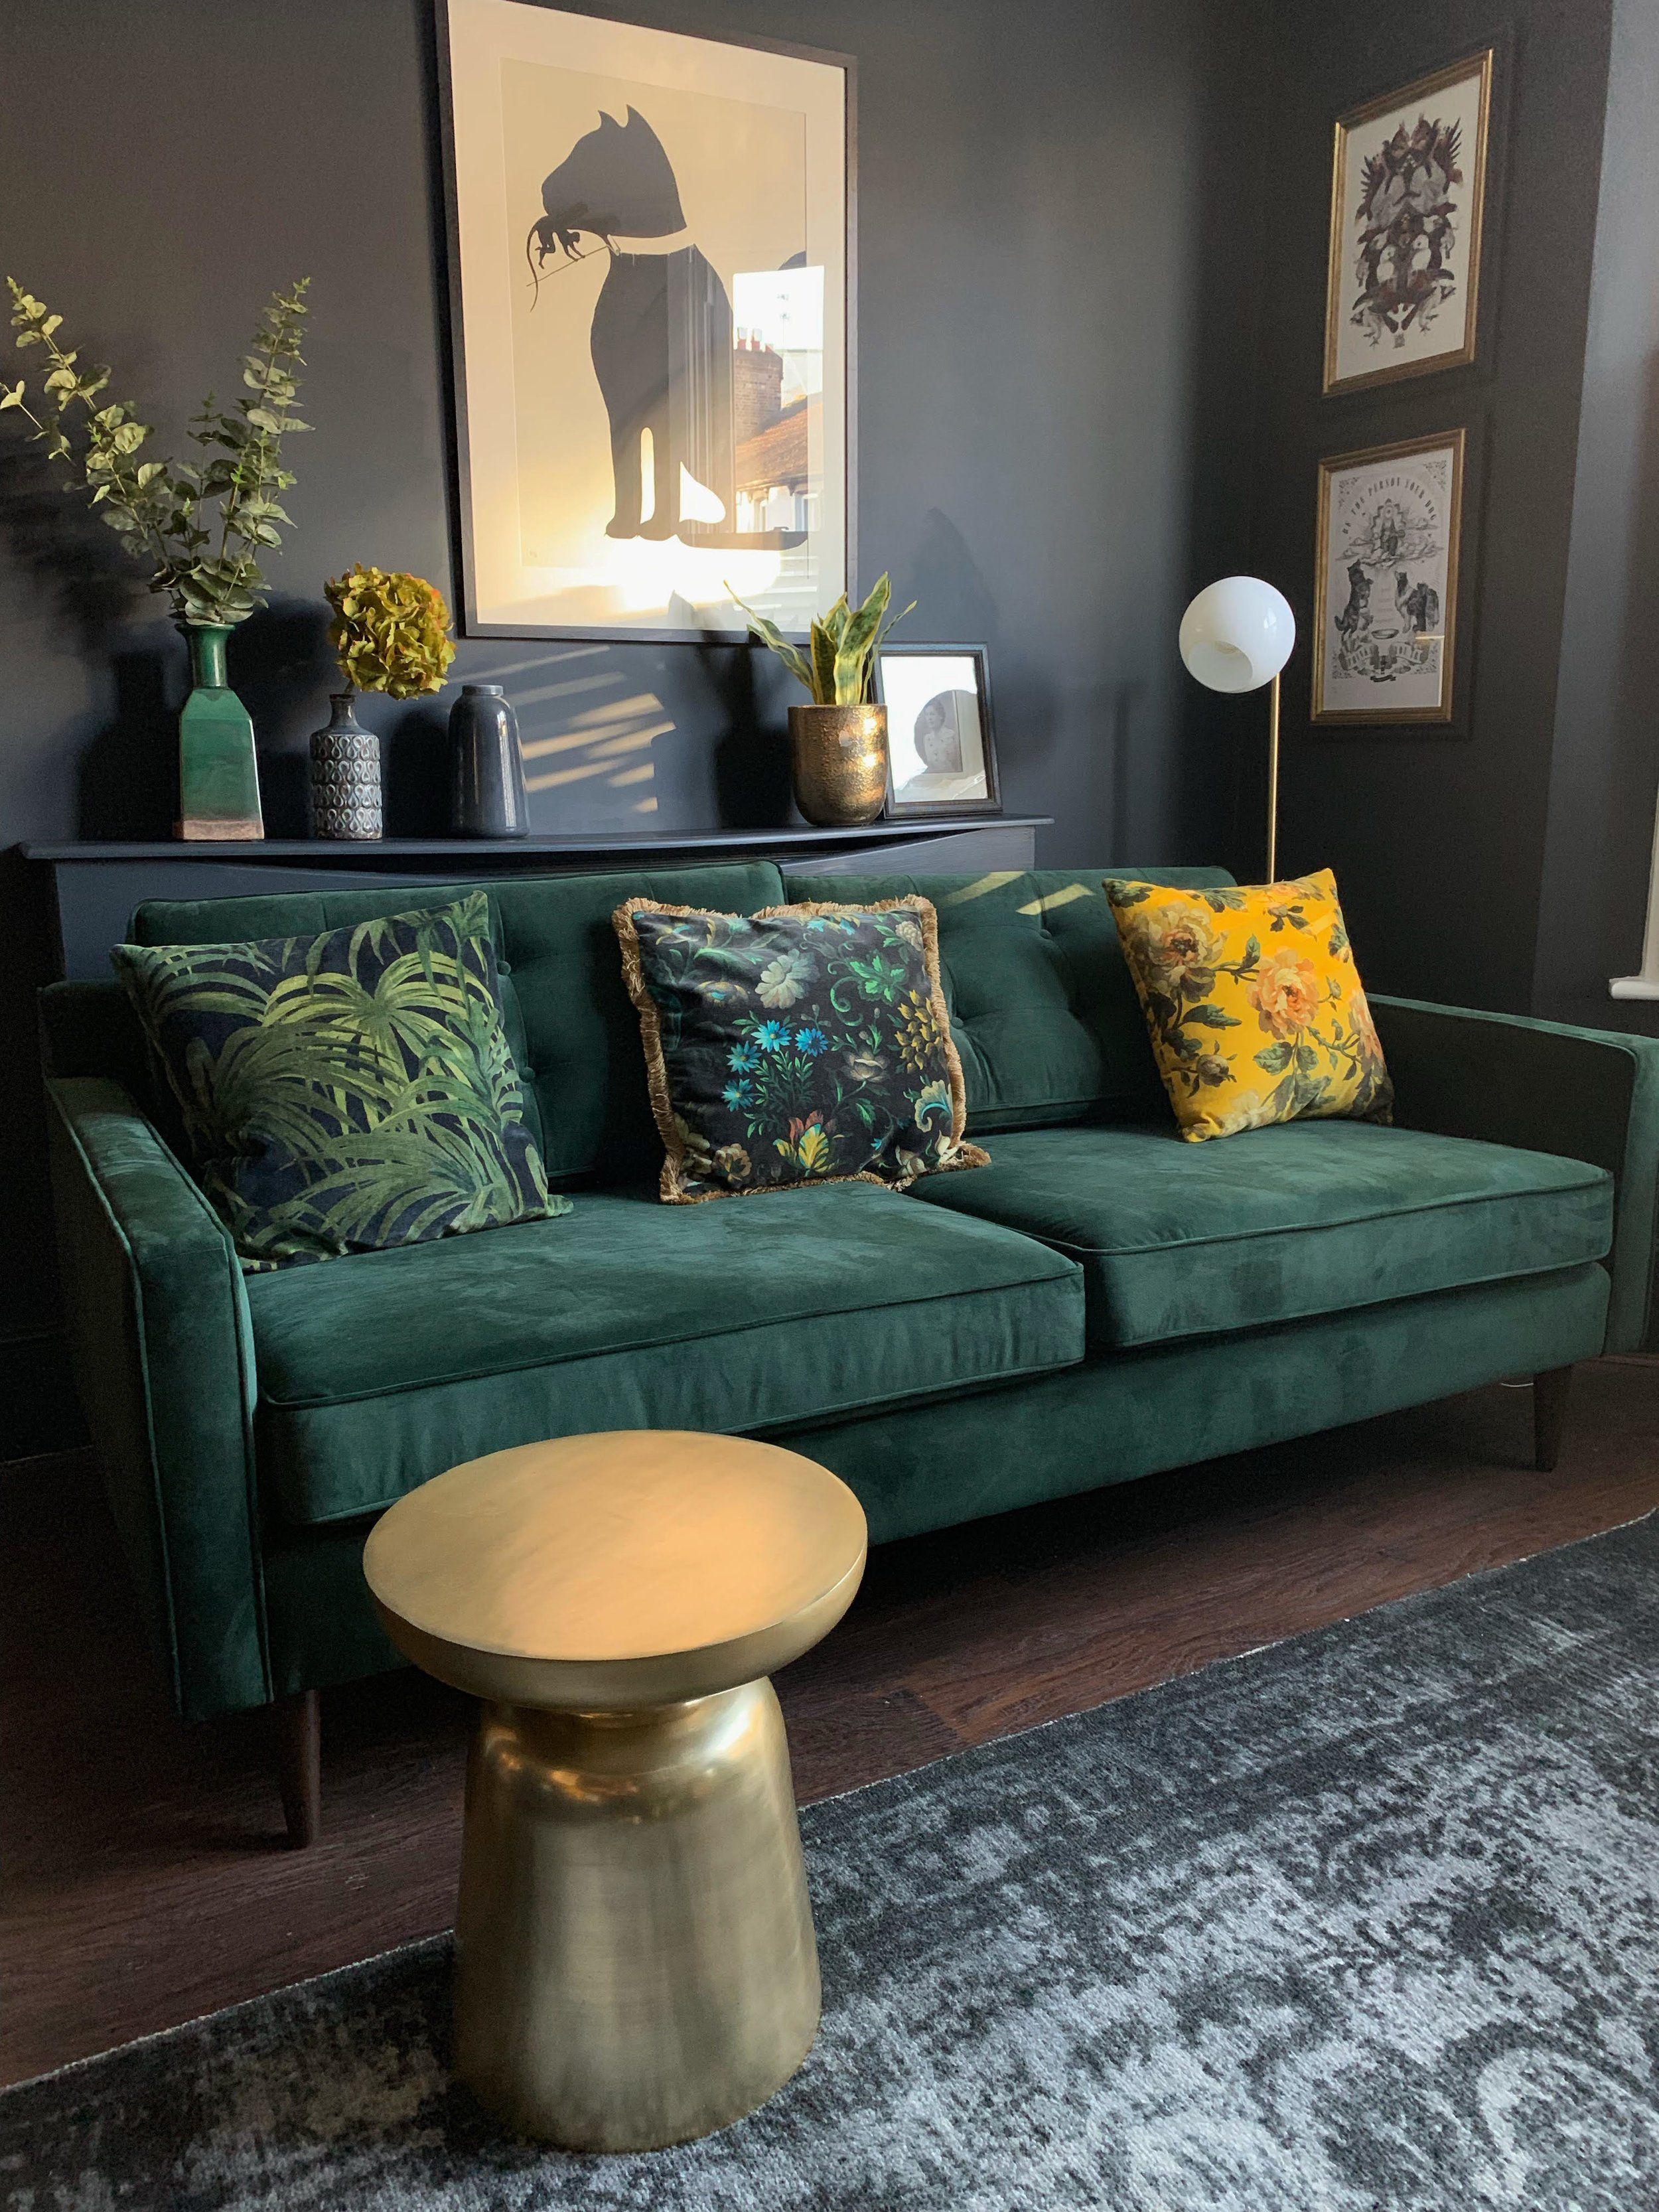 INCREDIBLE COZY HOME INTERIORS | COCOCOZY